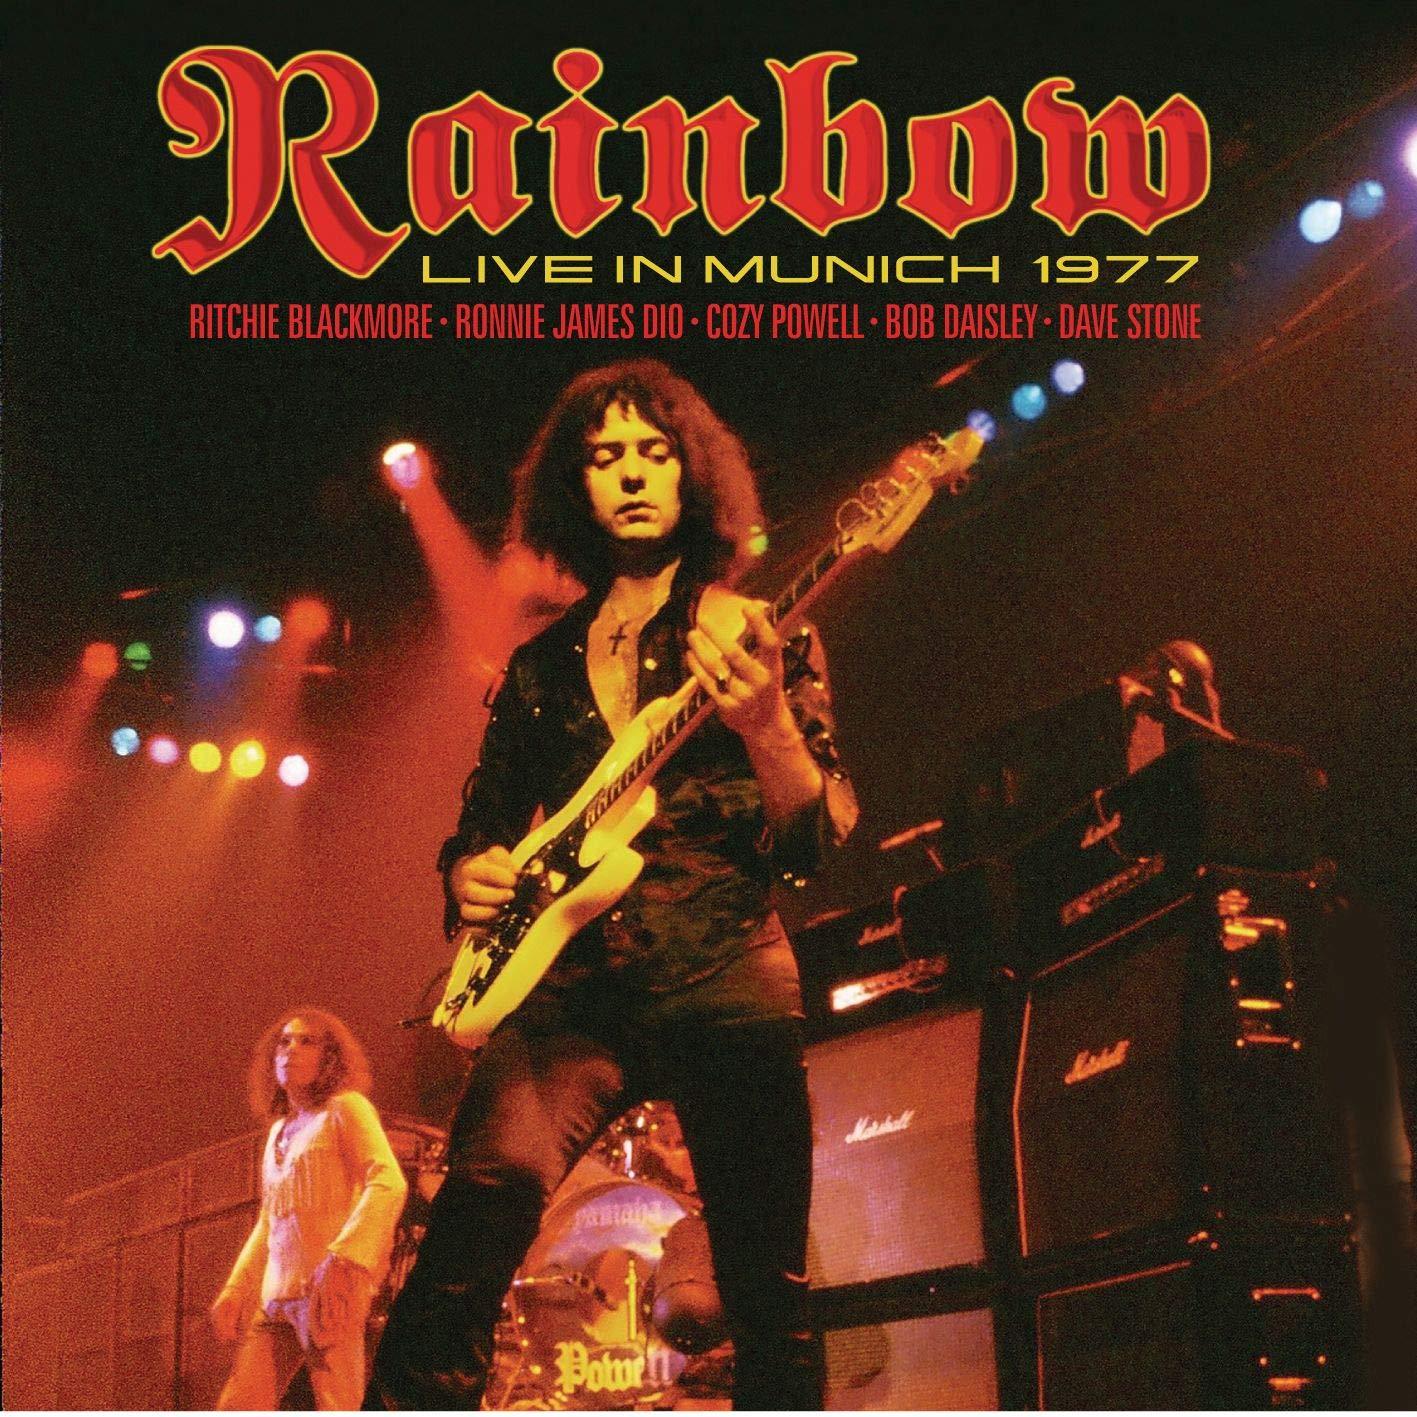 Rainbow-Live In Munich 1977-REISSUE-2LP-FLAC-2013-mwnd